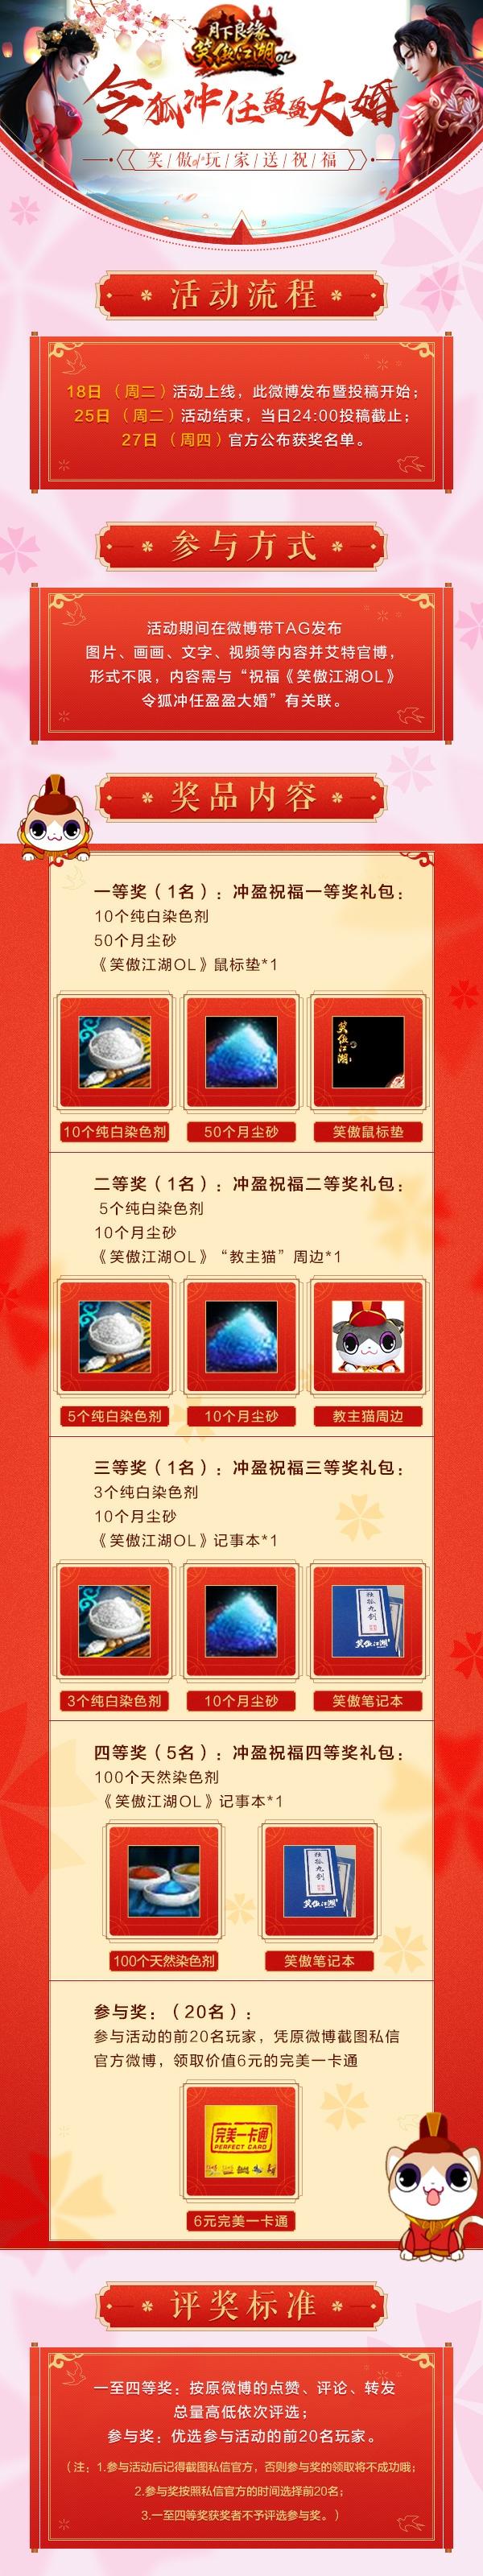 图片: 笑傲江湖-月下良缘版本-玩家送祝福活动配图.jpg